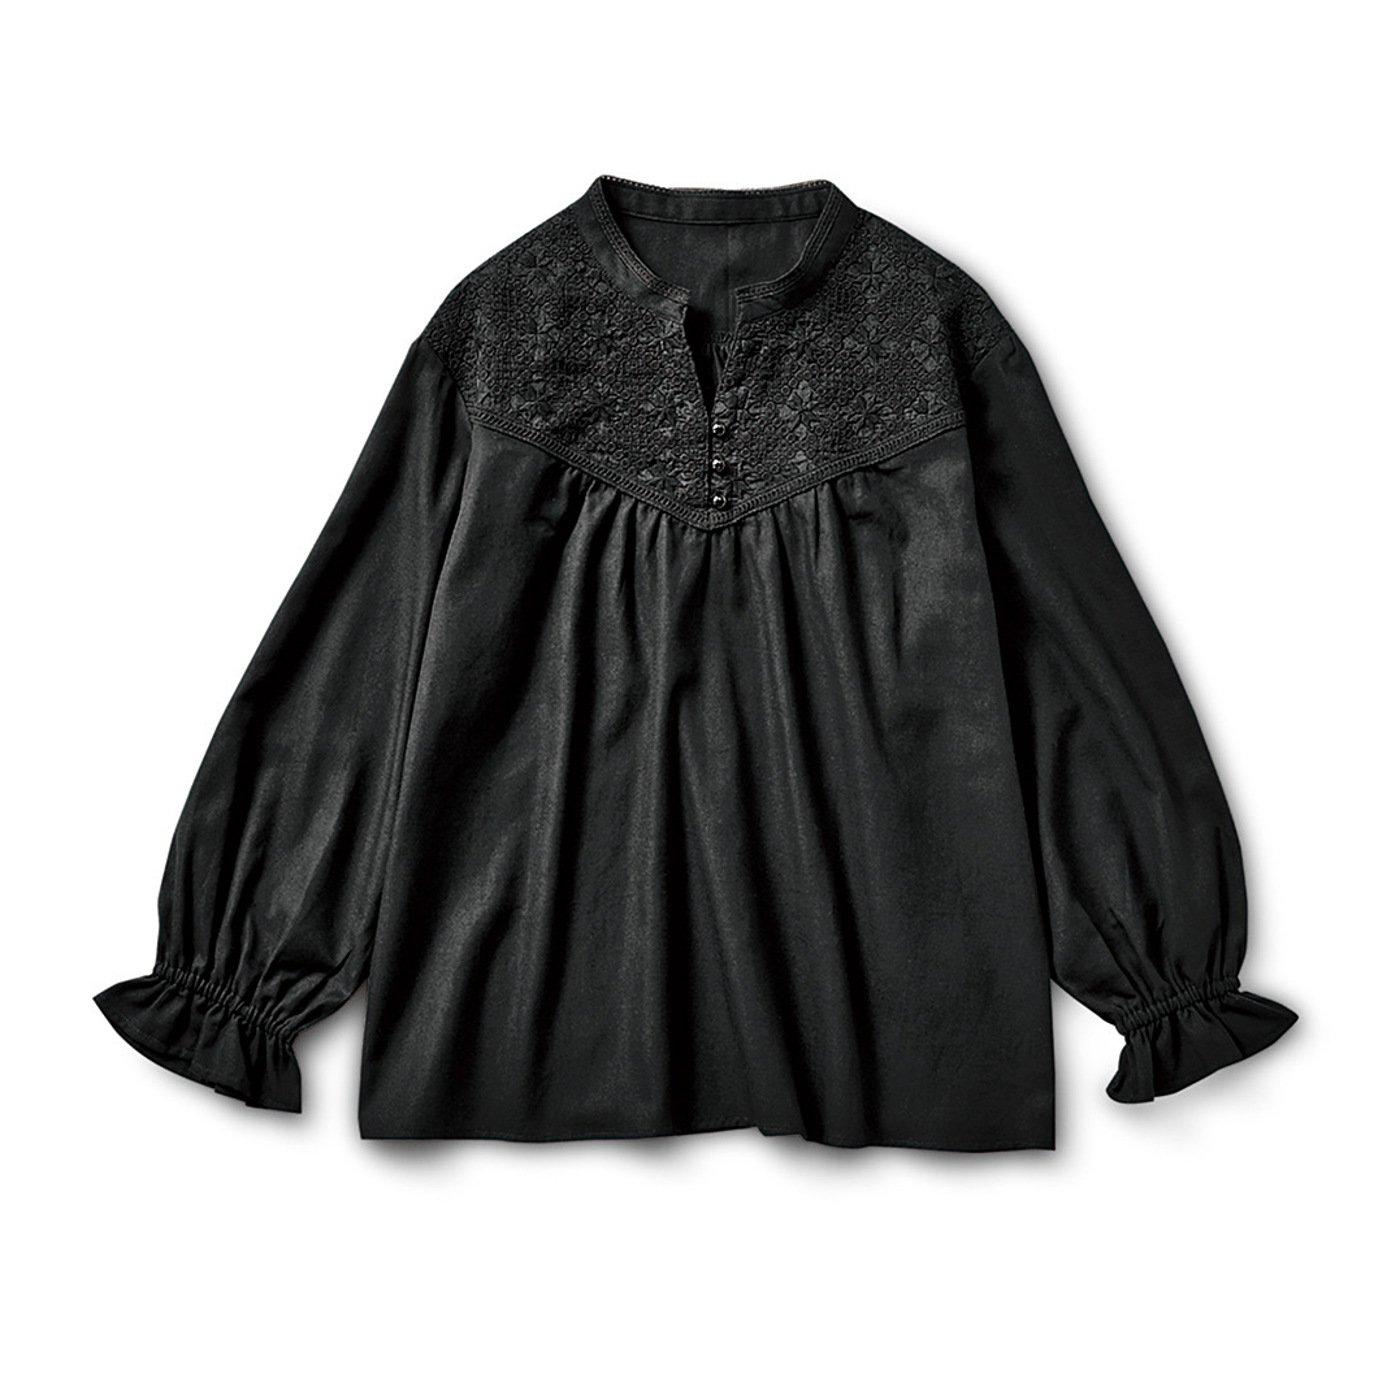 リブ イン コンフォート 着るだけでパッと大人の華やぎ ブラックレースプルオーバー〈スキッパーデザイン〉